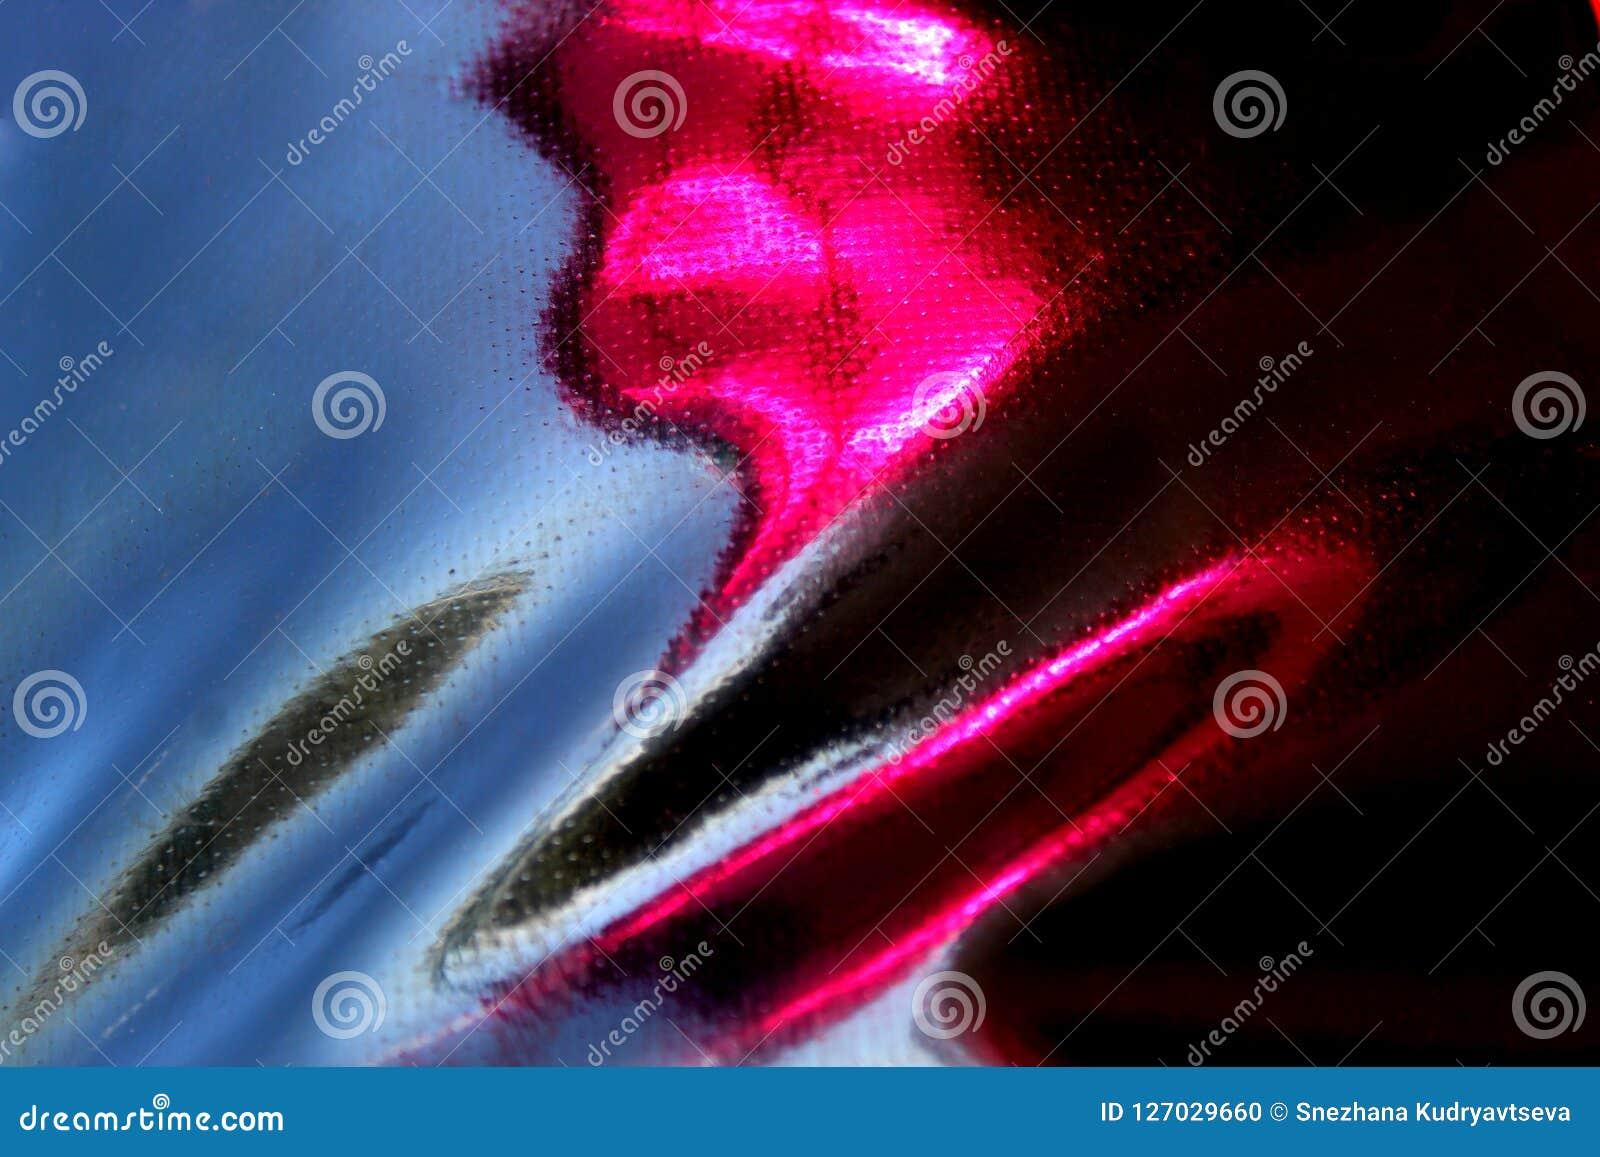 Η μαύρη σύσταση υφασματεμποριών με το ροζ σχολιάζει από το τραχύ ύφασμα δέρματος